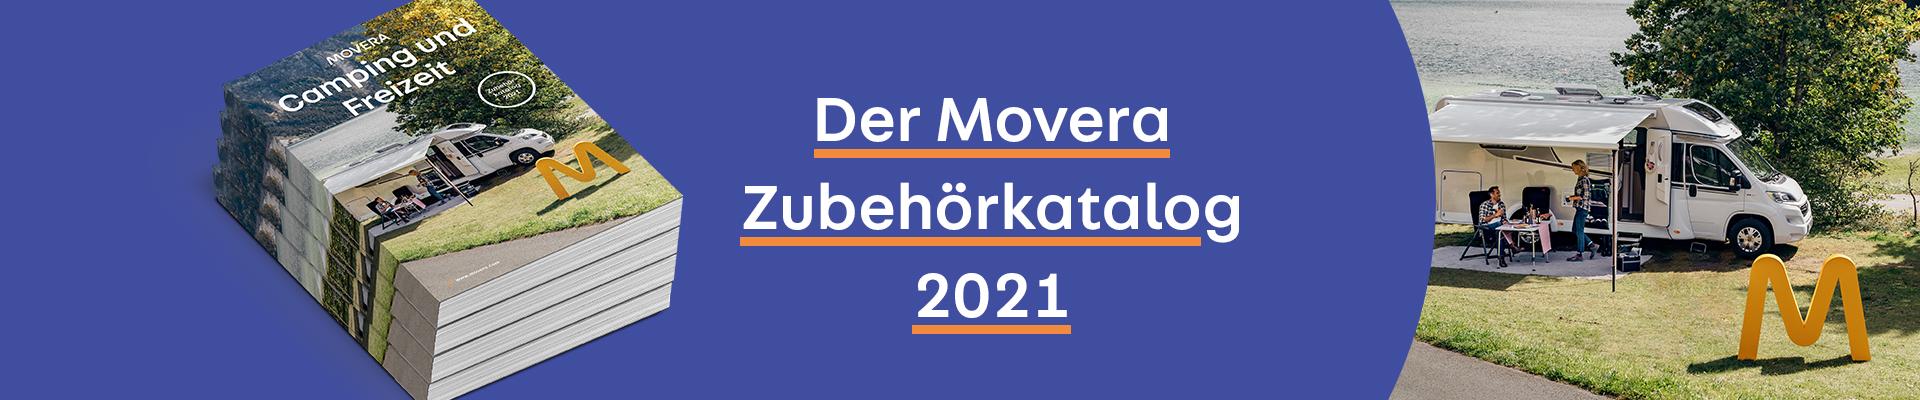 Katalog_2021_Banner_B2C_02